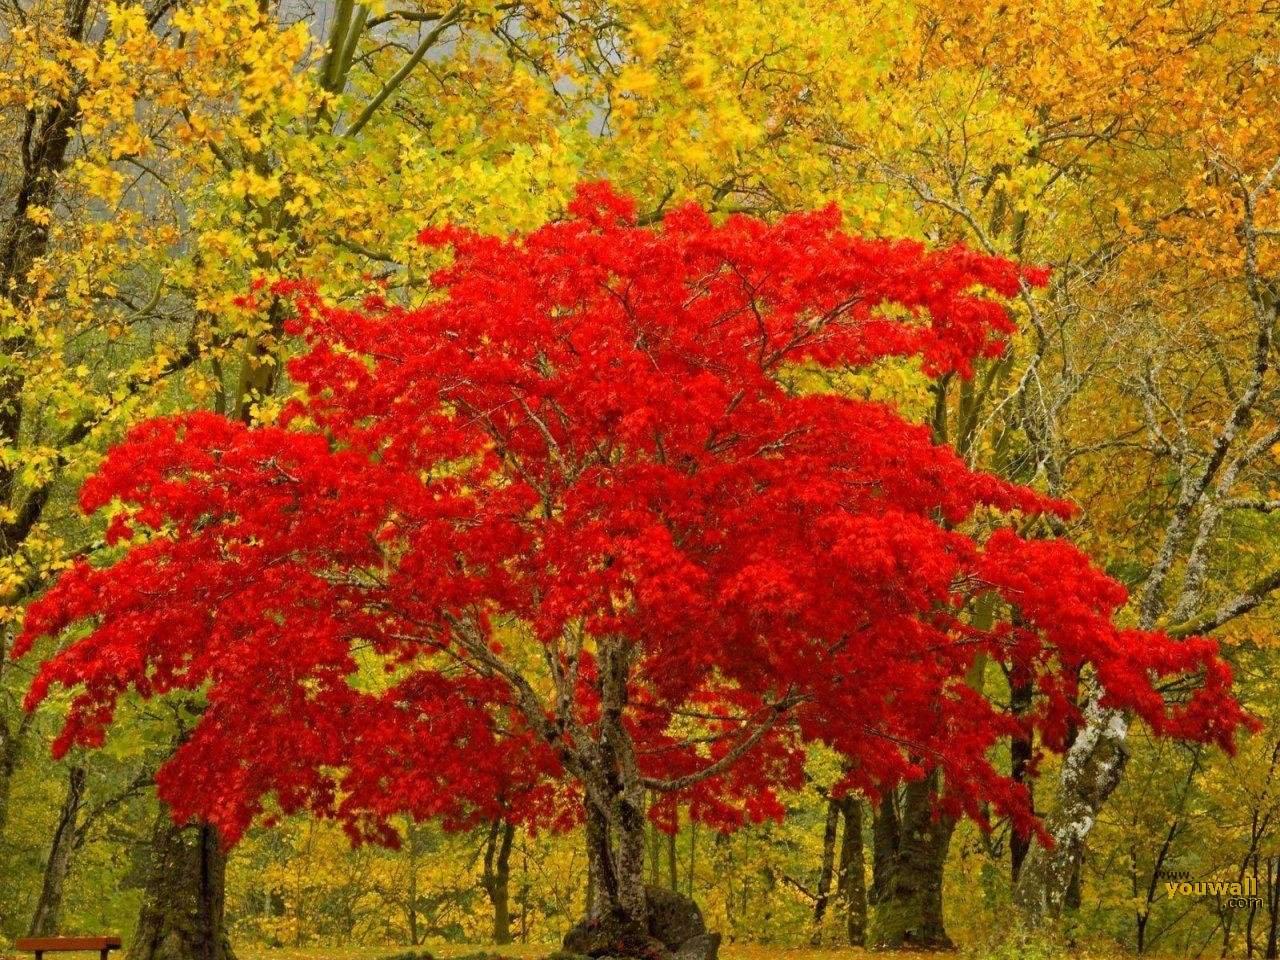 http://4.bp.blogspot.com/-eLy1Kf8jWHU/UIQo16tblhI/AAAAAAAAA0o/uyuYNwGCMKs/s1600/red-and-yellow-tree-red-yellow-wallpaper-hd-desktop.jpg